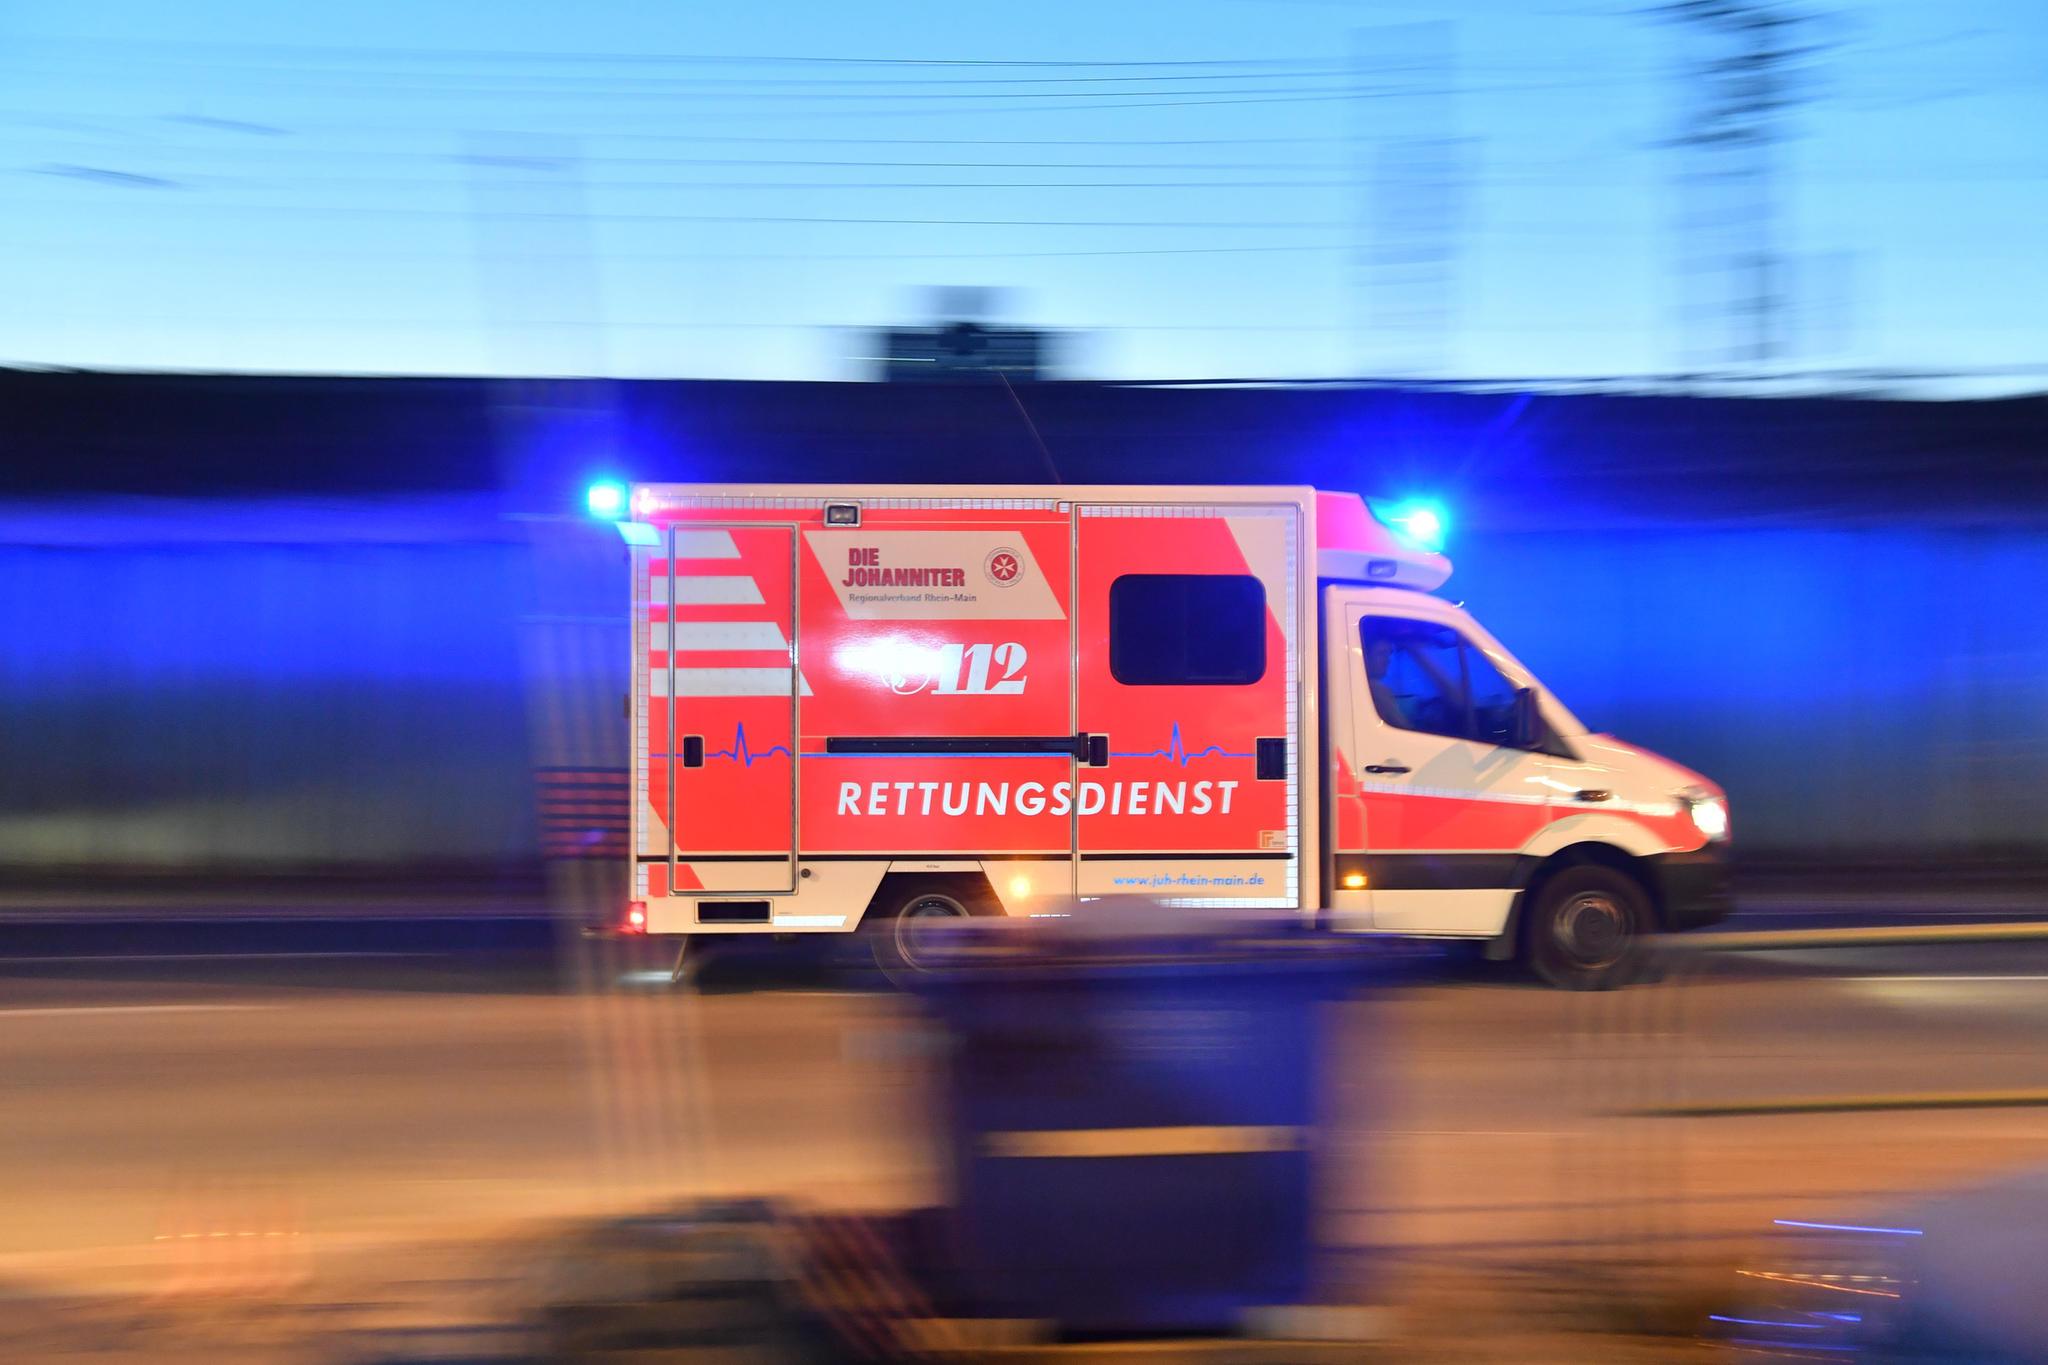 Tragischer Badeunfall: 16-Jährige geht mit ihrem Handy in die Badewanne und erleidet tödlichen Stromschlag